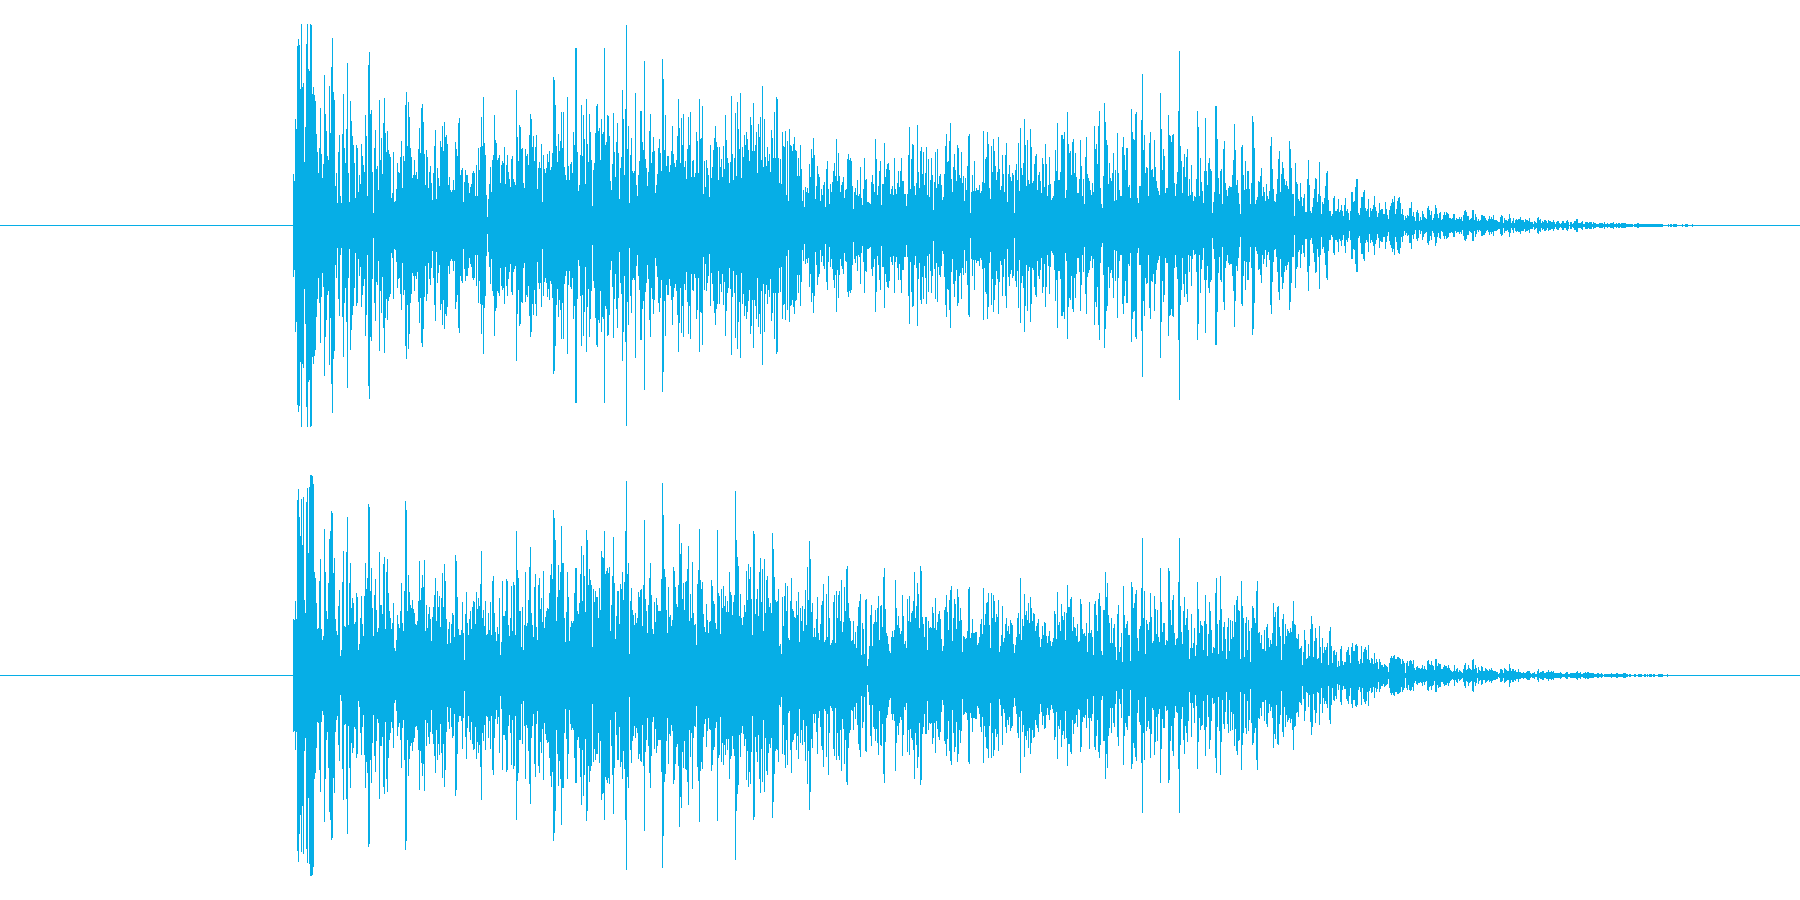 ゲームオーバー効果音 ダダーッ ブブーッの再生済みの波形